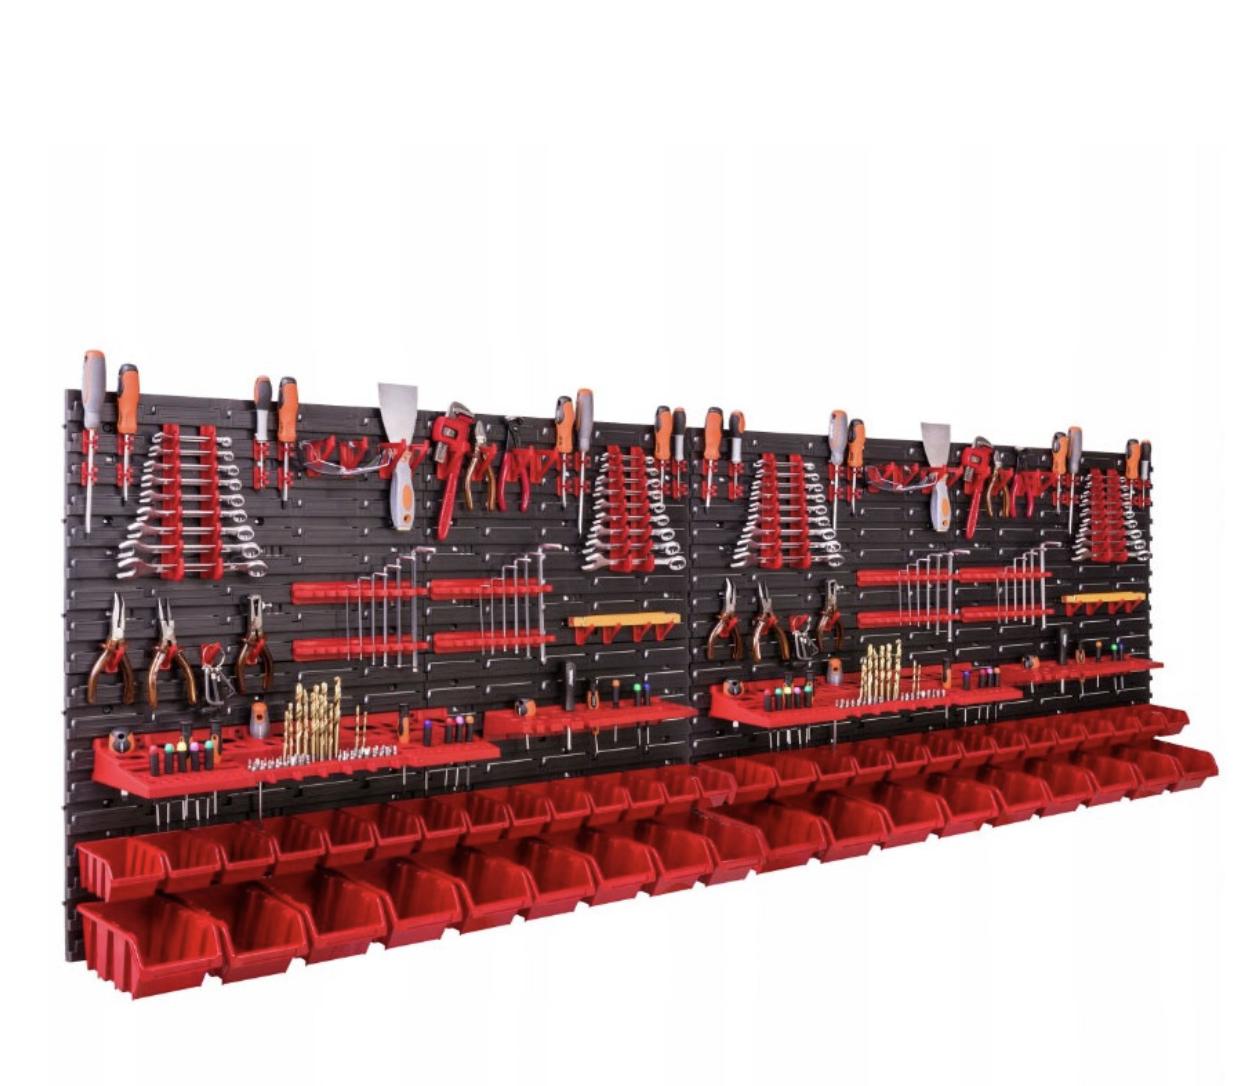 Панель для инструментов 230*78 см + 50 контейнеров